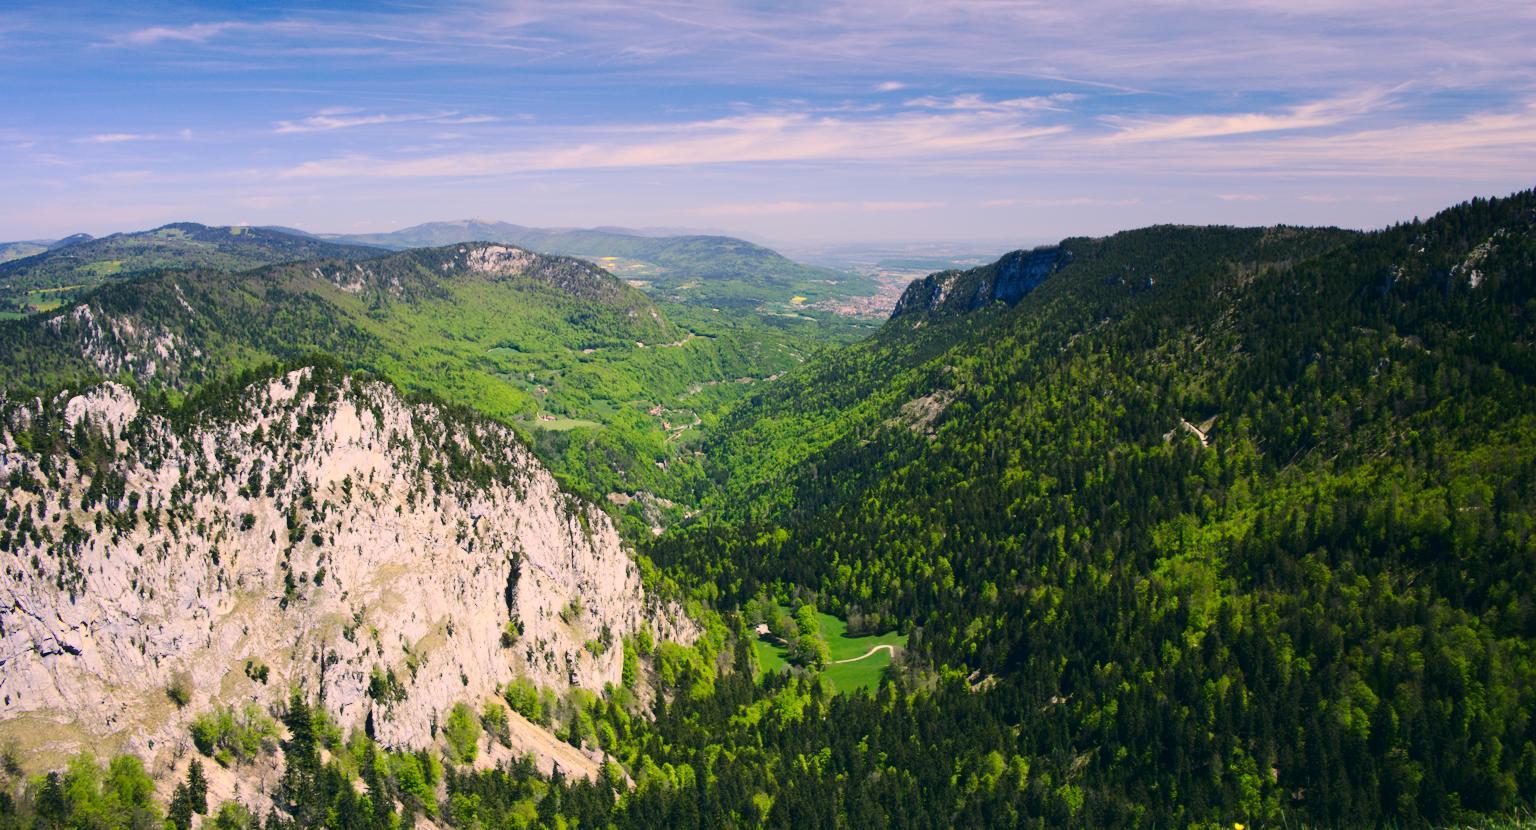 {filename}/img/creux-du-van-panorama.jpg